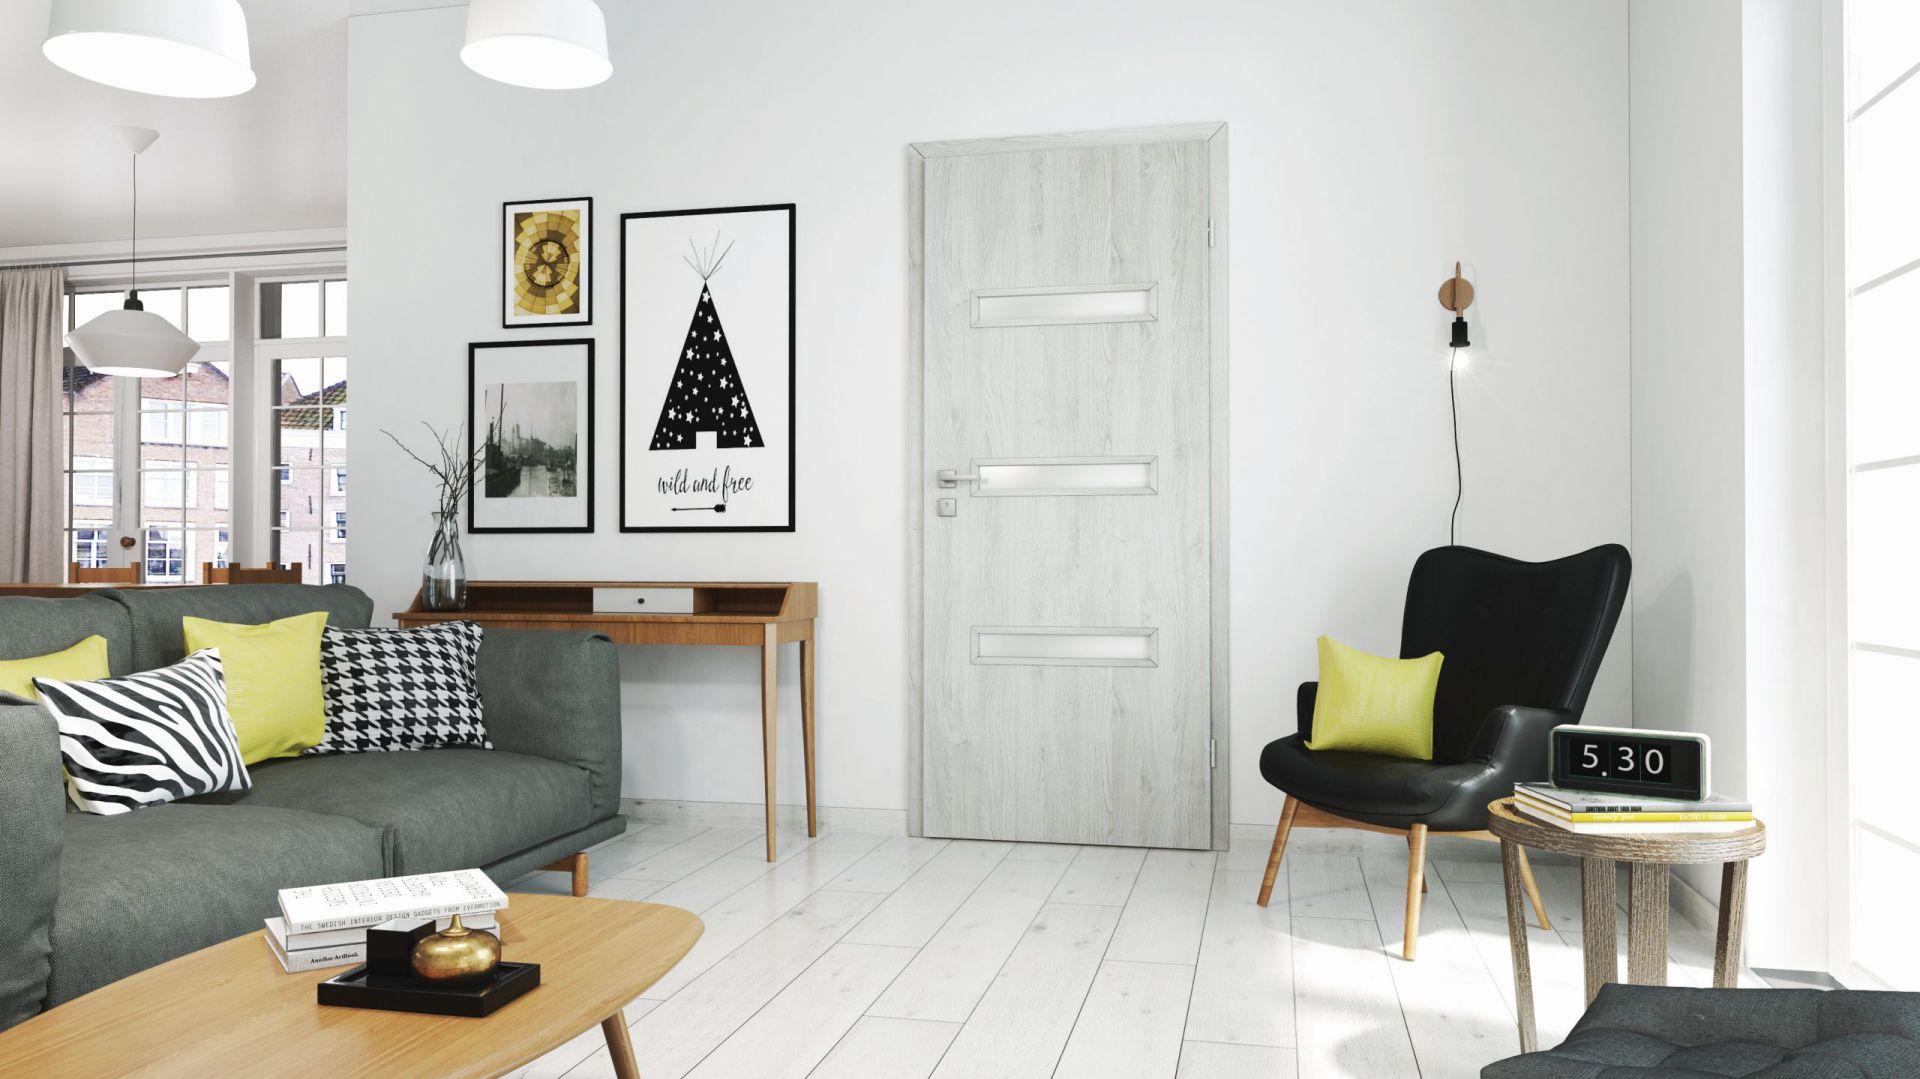 Drzwi wewnętrzne CENTURY z oferty RuckZuck w kolorze dąb szary rozjaśnią małe wnętrze. Dobrze komponują się z jasną podłogą. 293,97 zł. Fot. Classen